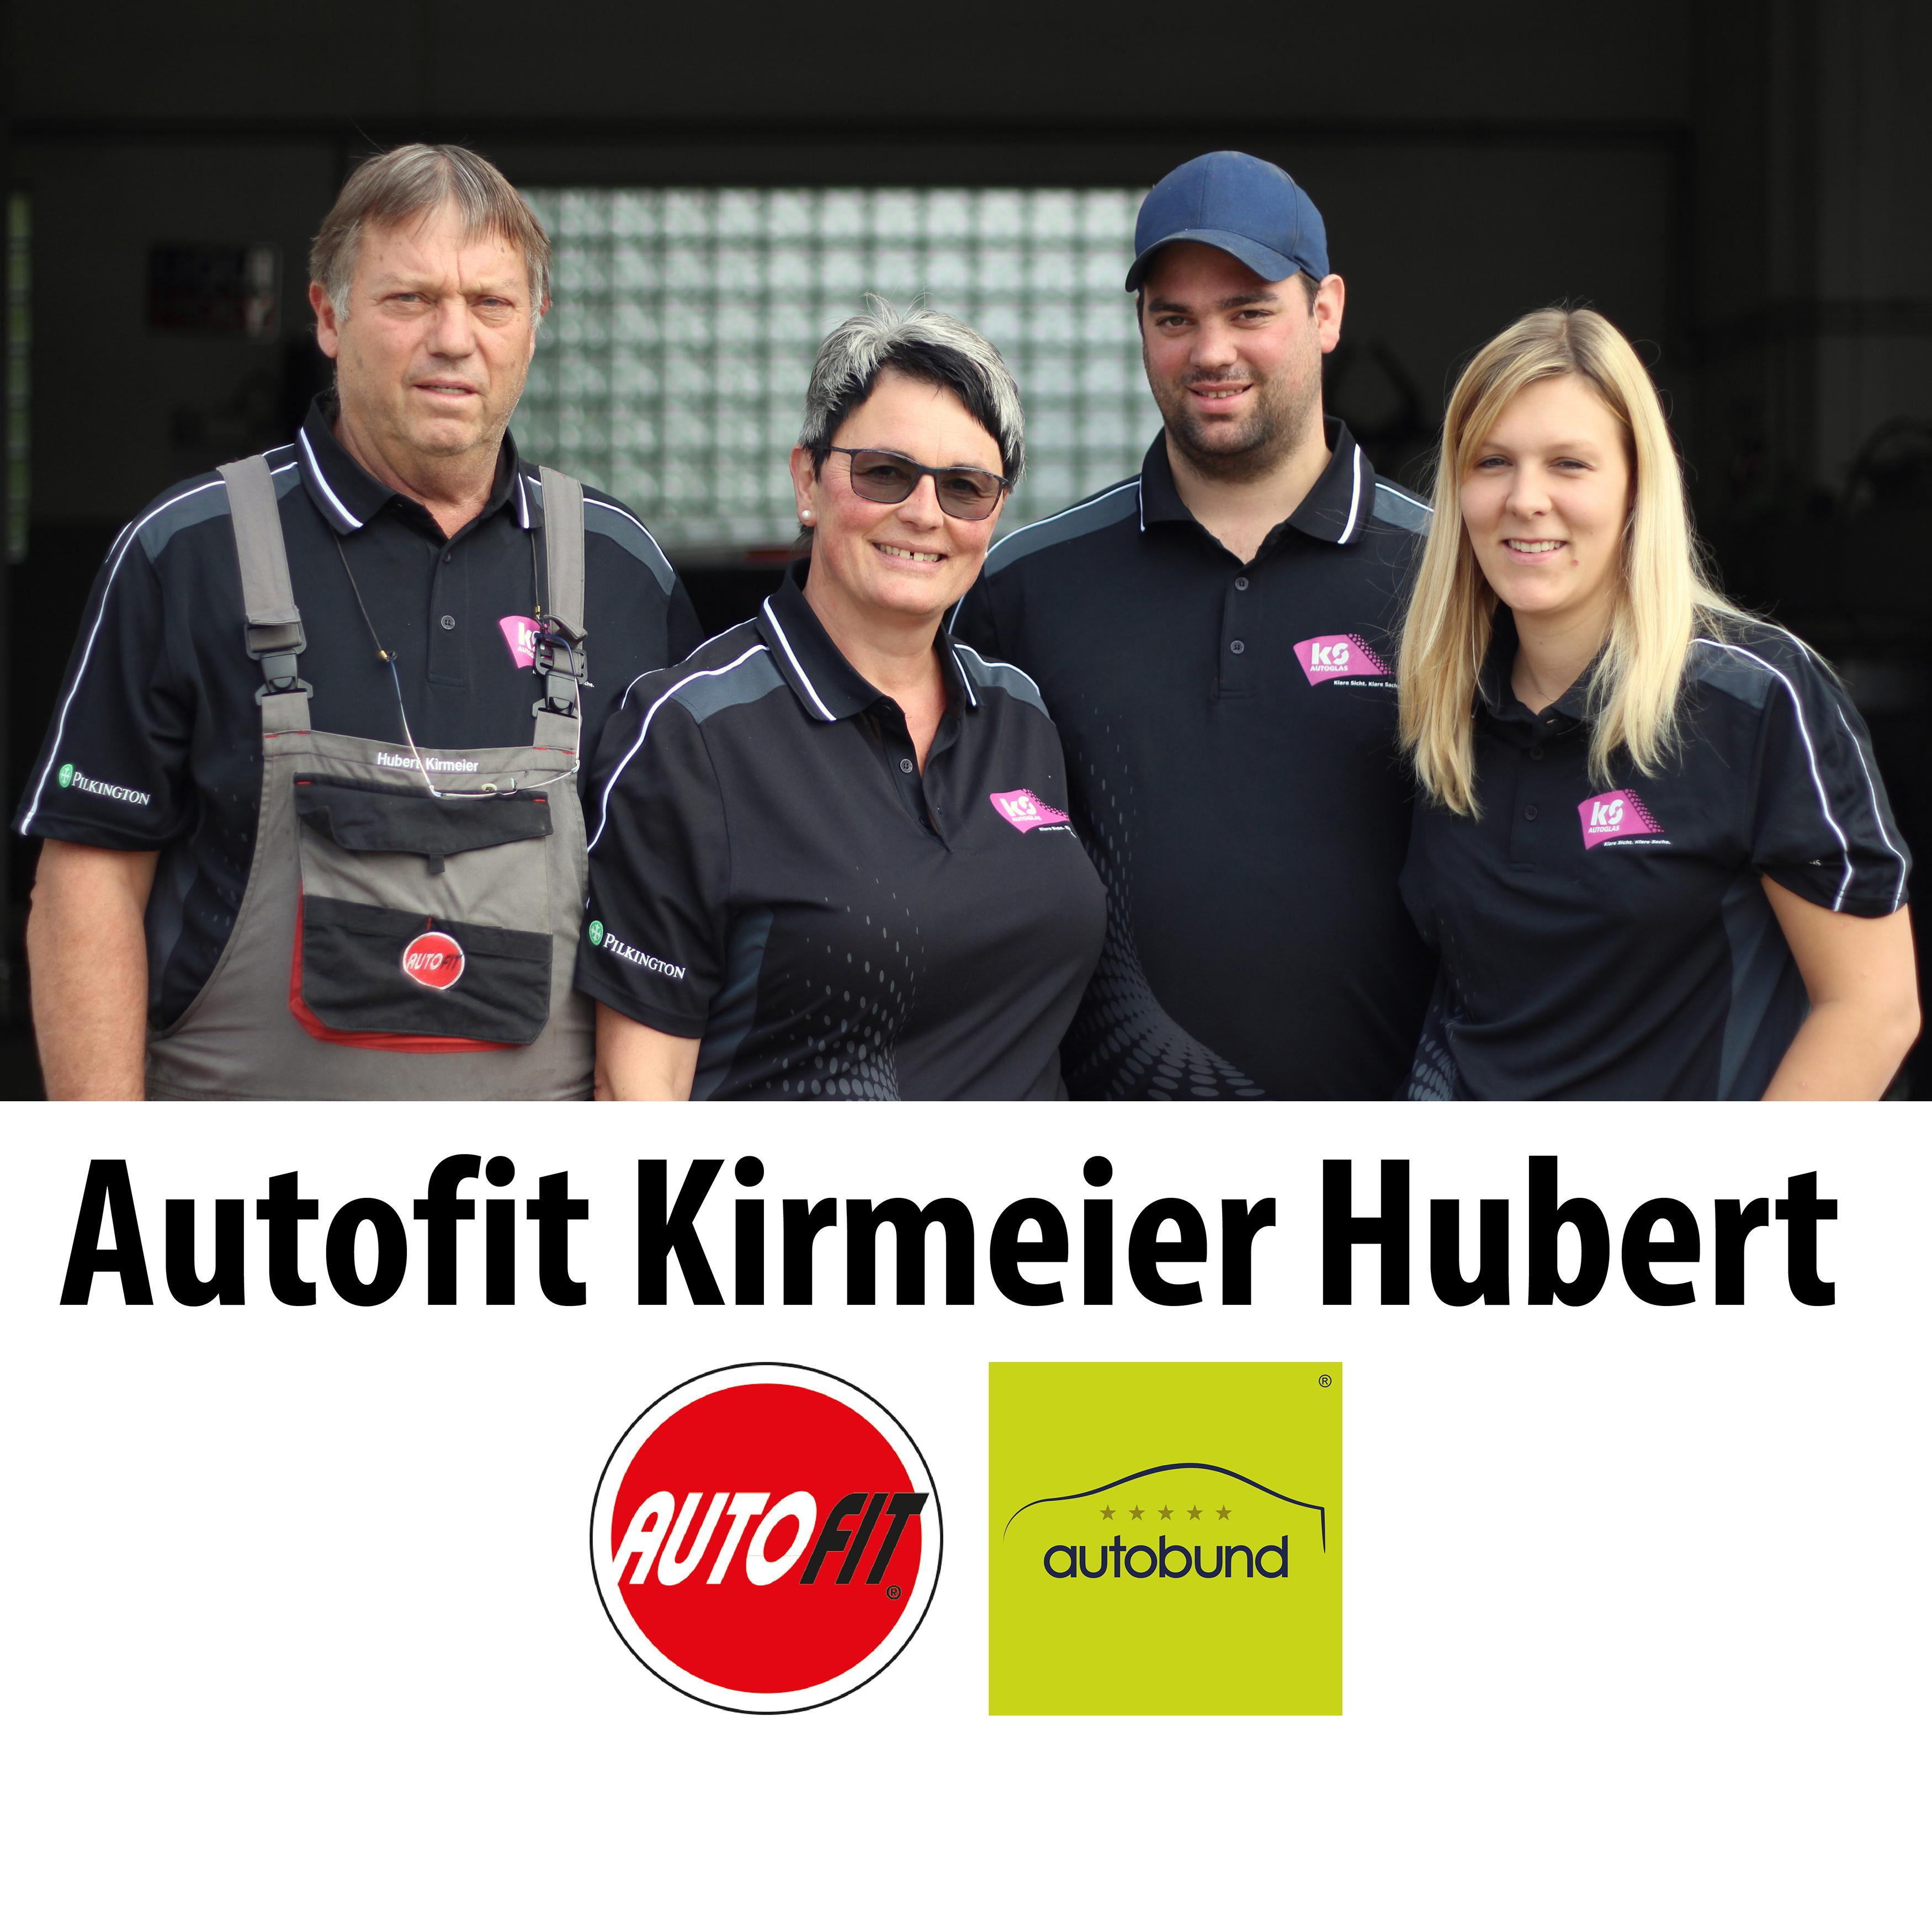 Autofit Hubert Kirmeier